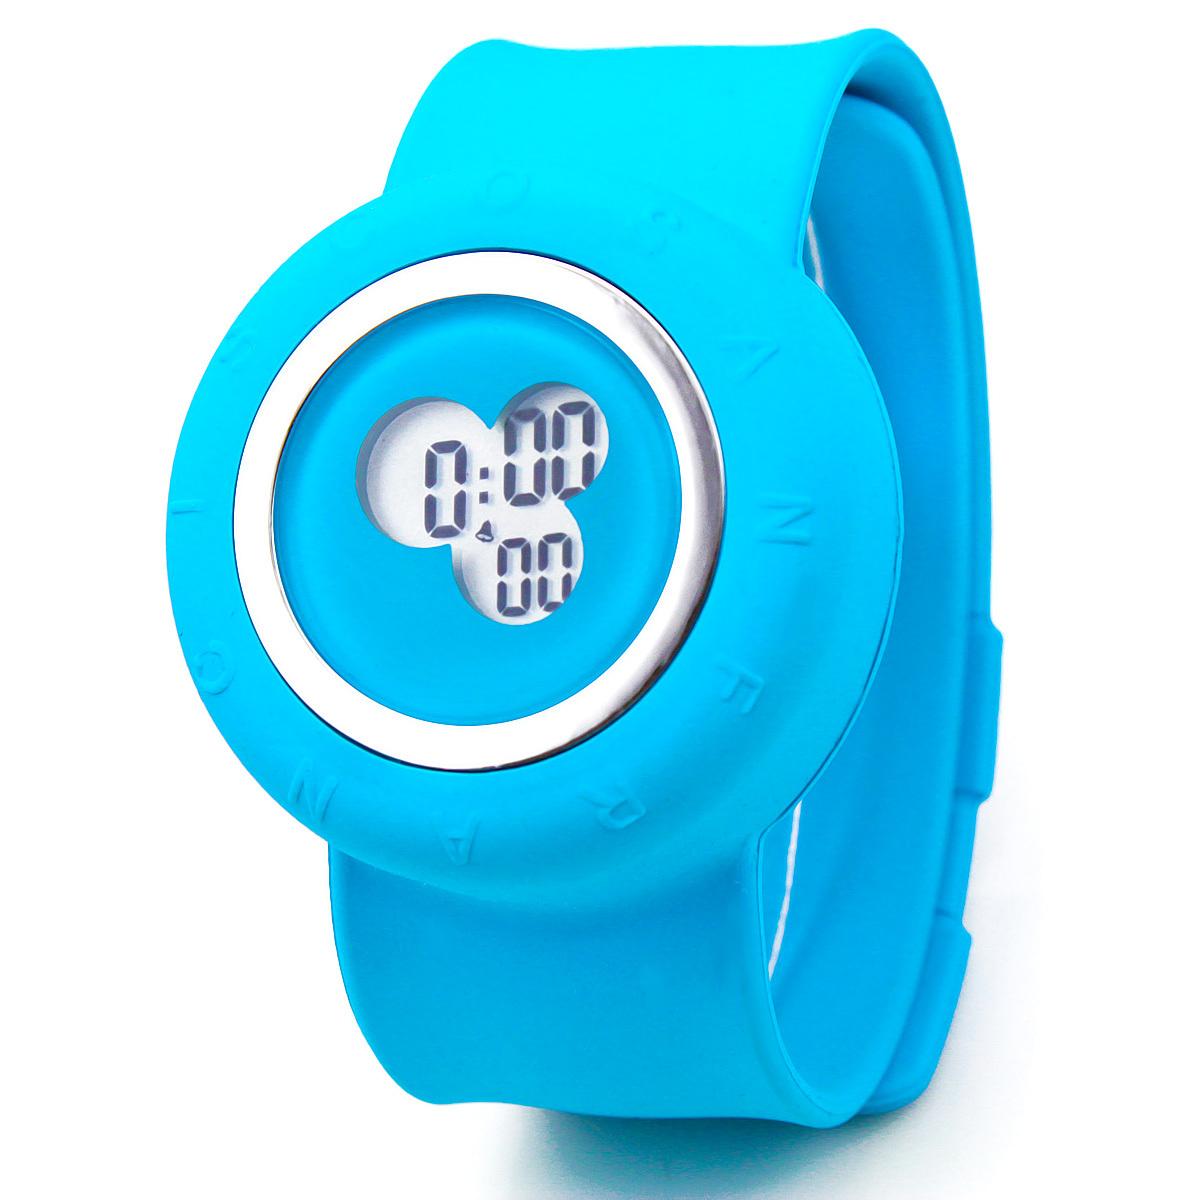 Best Digital Watch For Kids Digital Watches Best